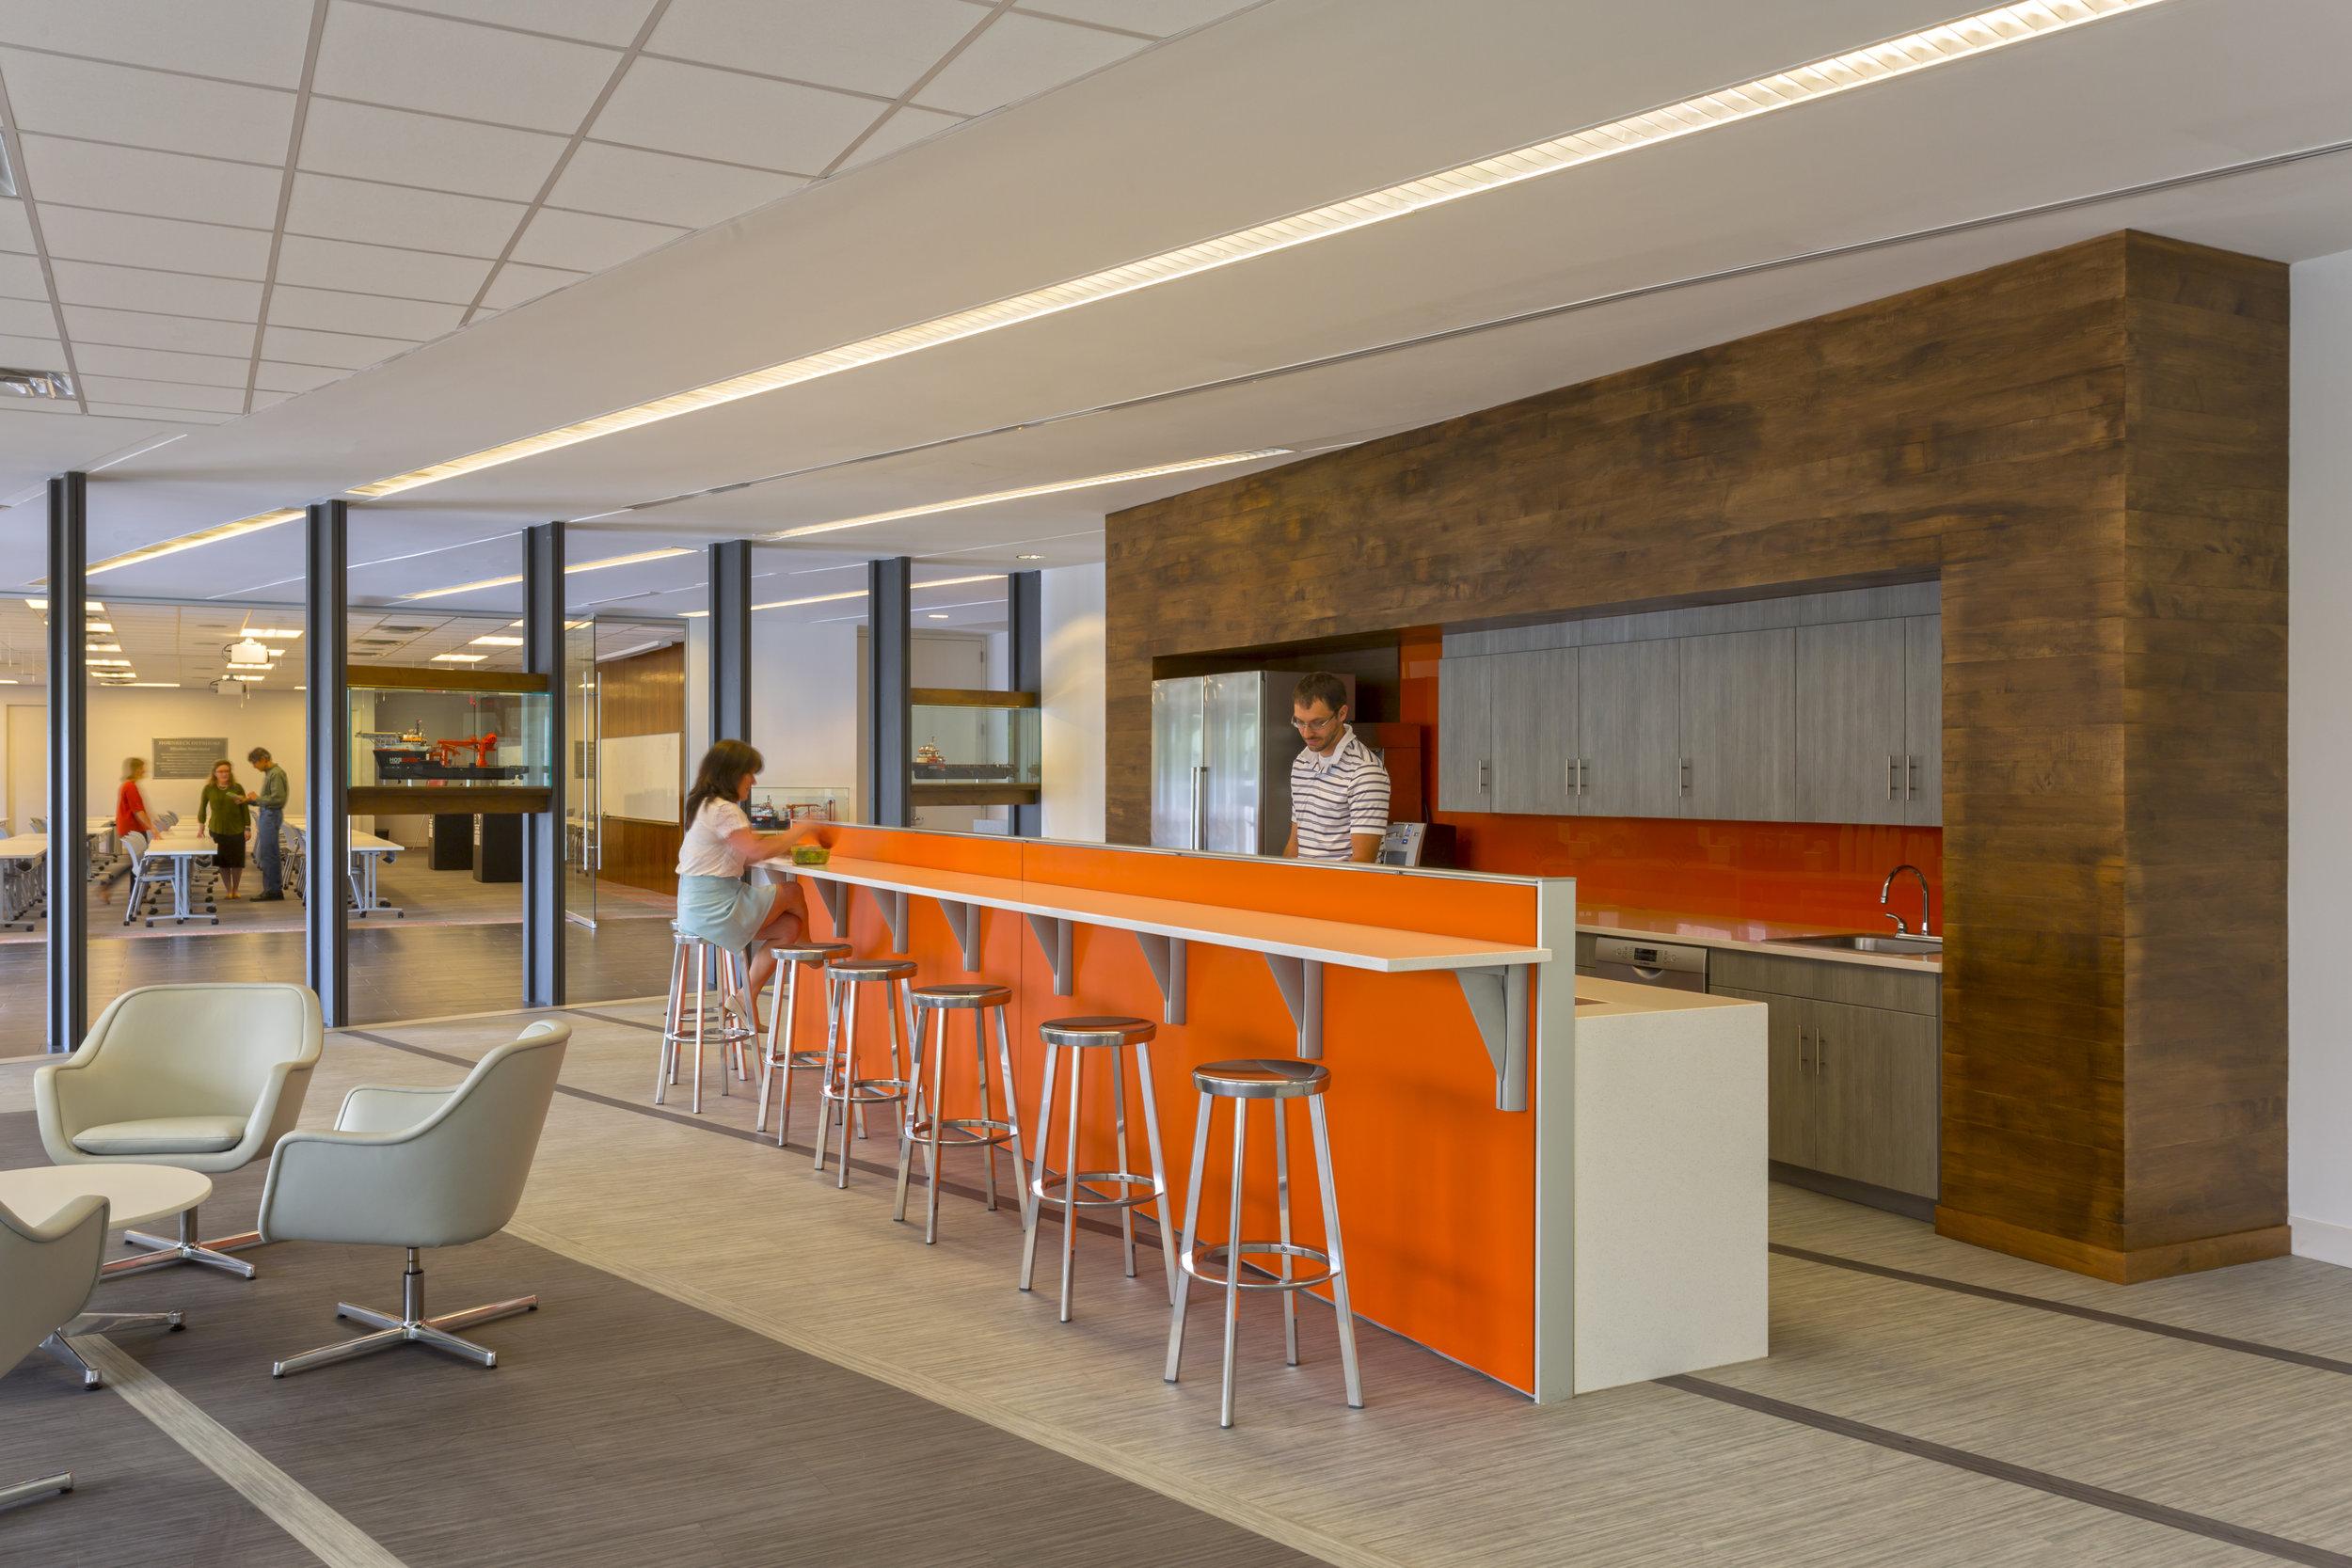 Hornbeck Offshore's new lunchroom